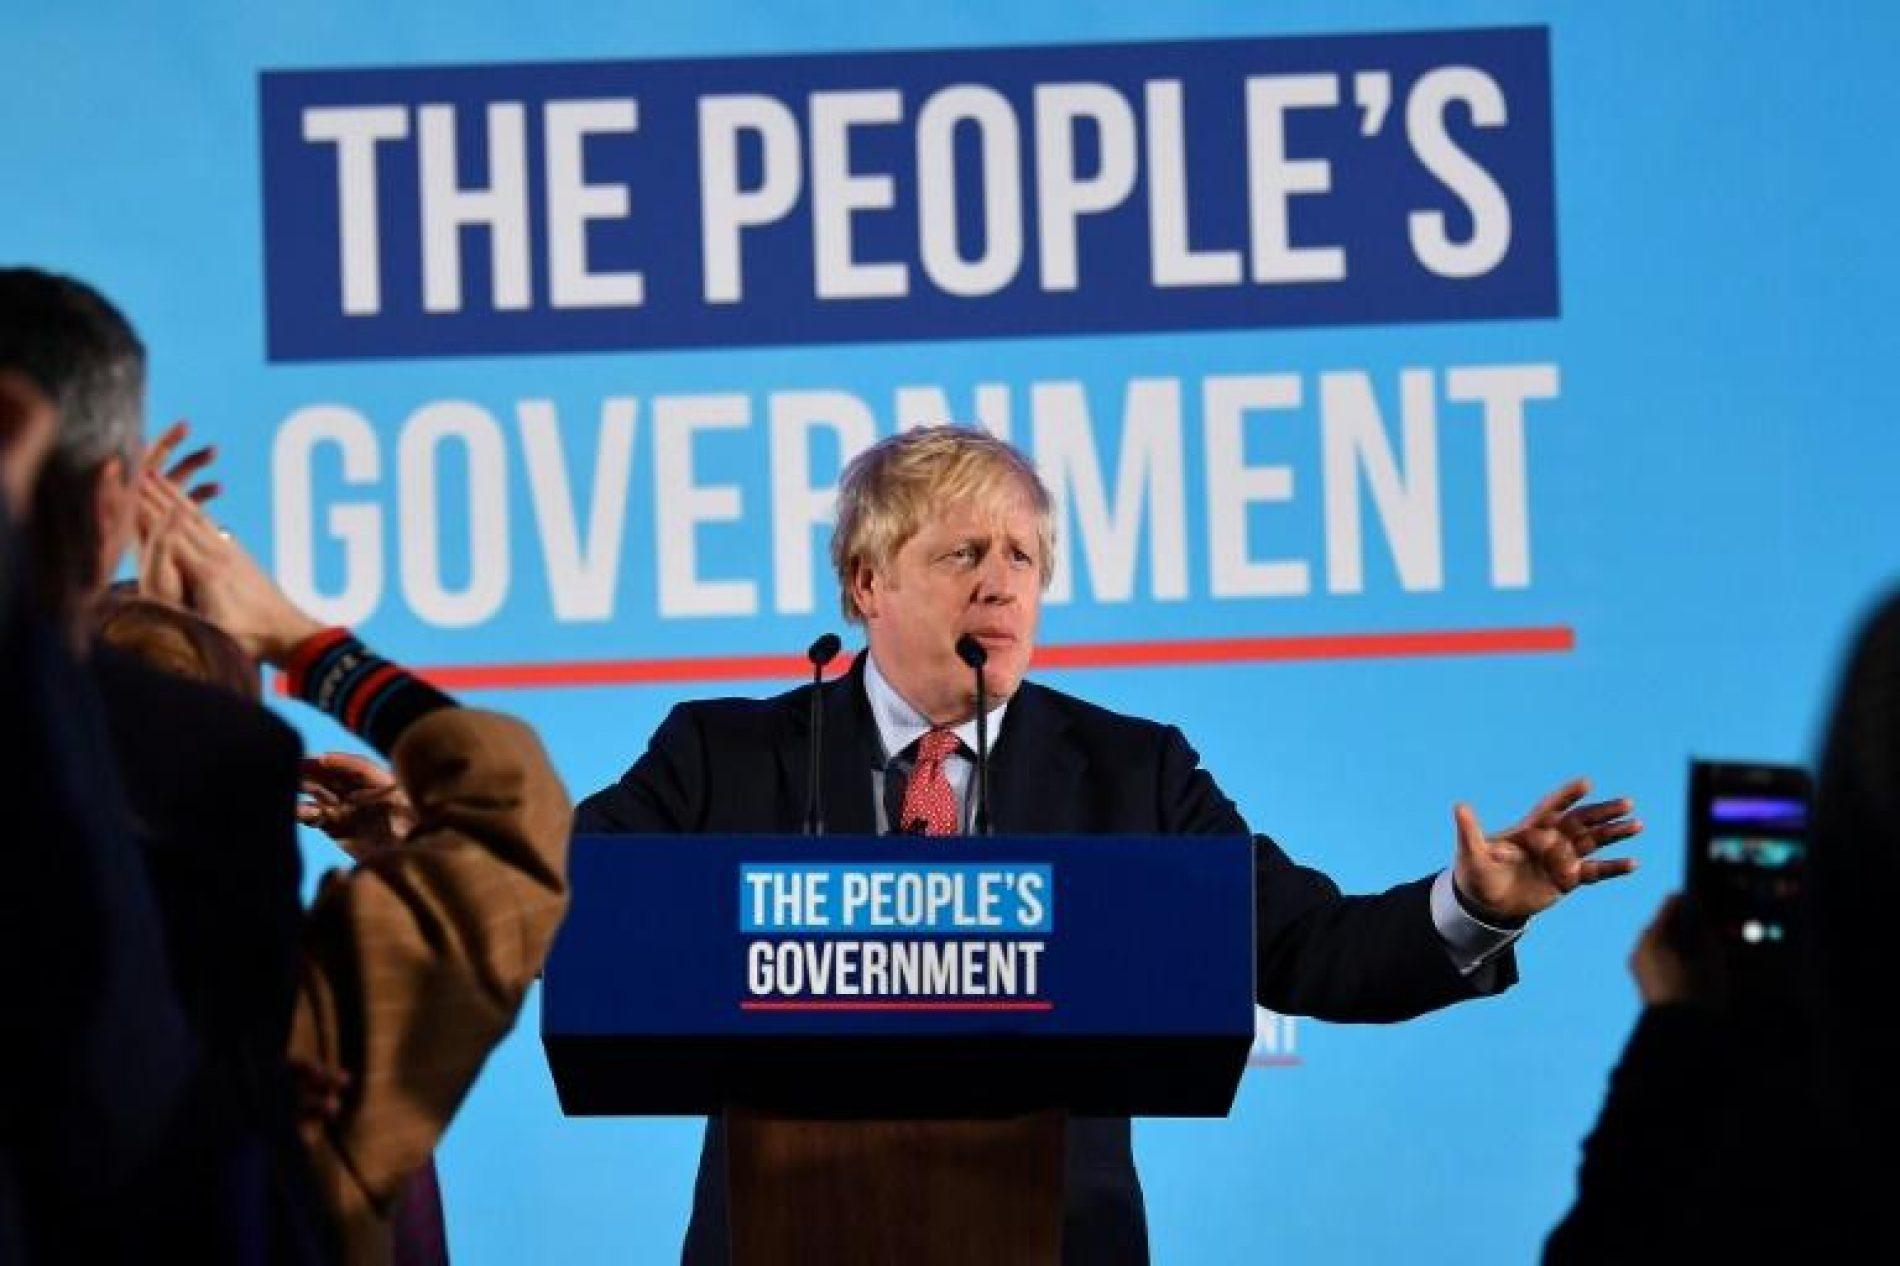 Royaume-Uni: Après sa victoire, Boris Johnson met le cap sur le Brexit